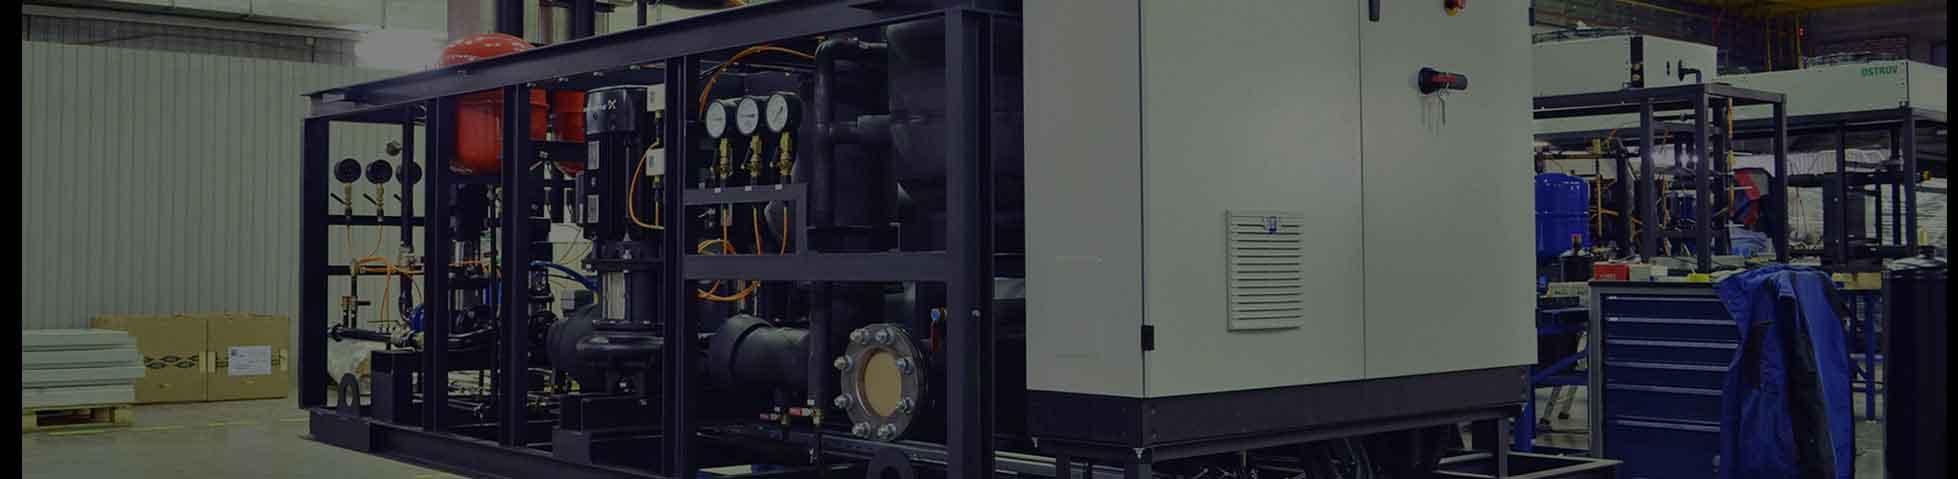 Монтаж, установка, обслуживание холодильного оборудования в России недорого